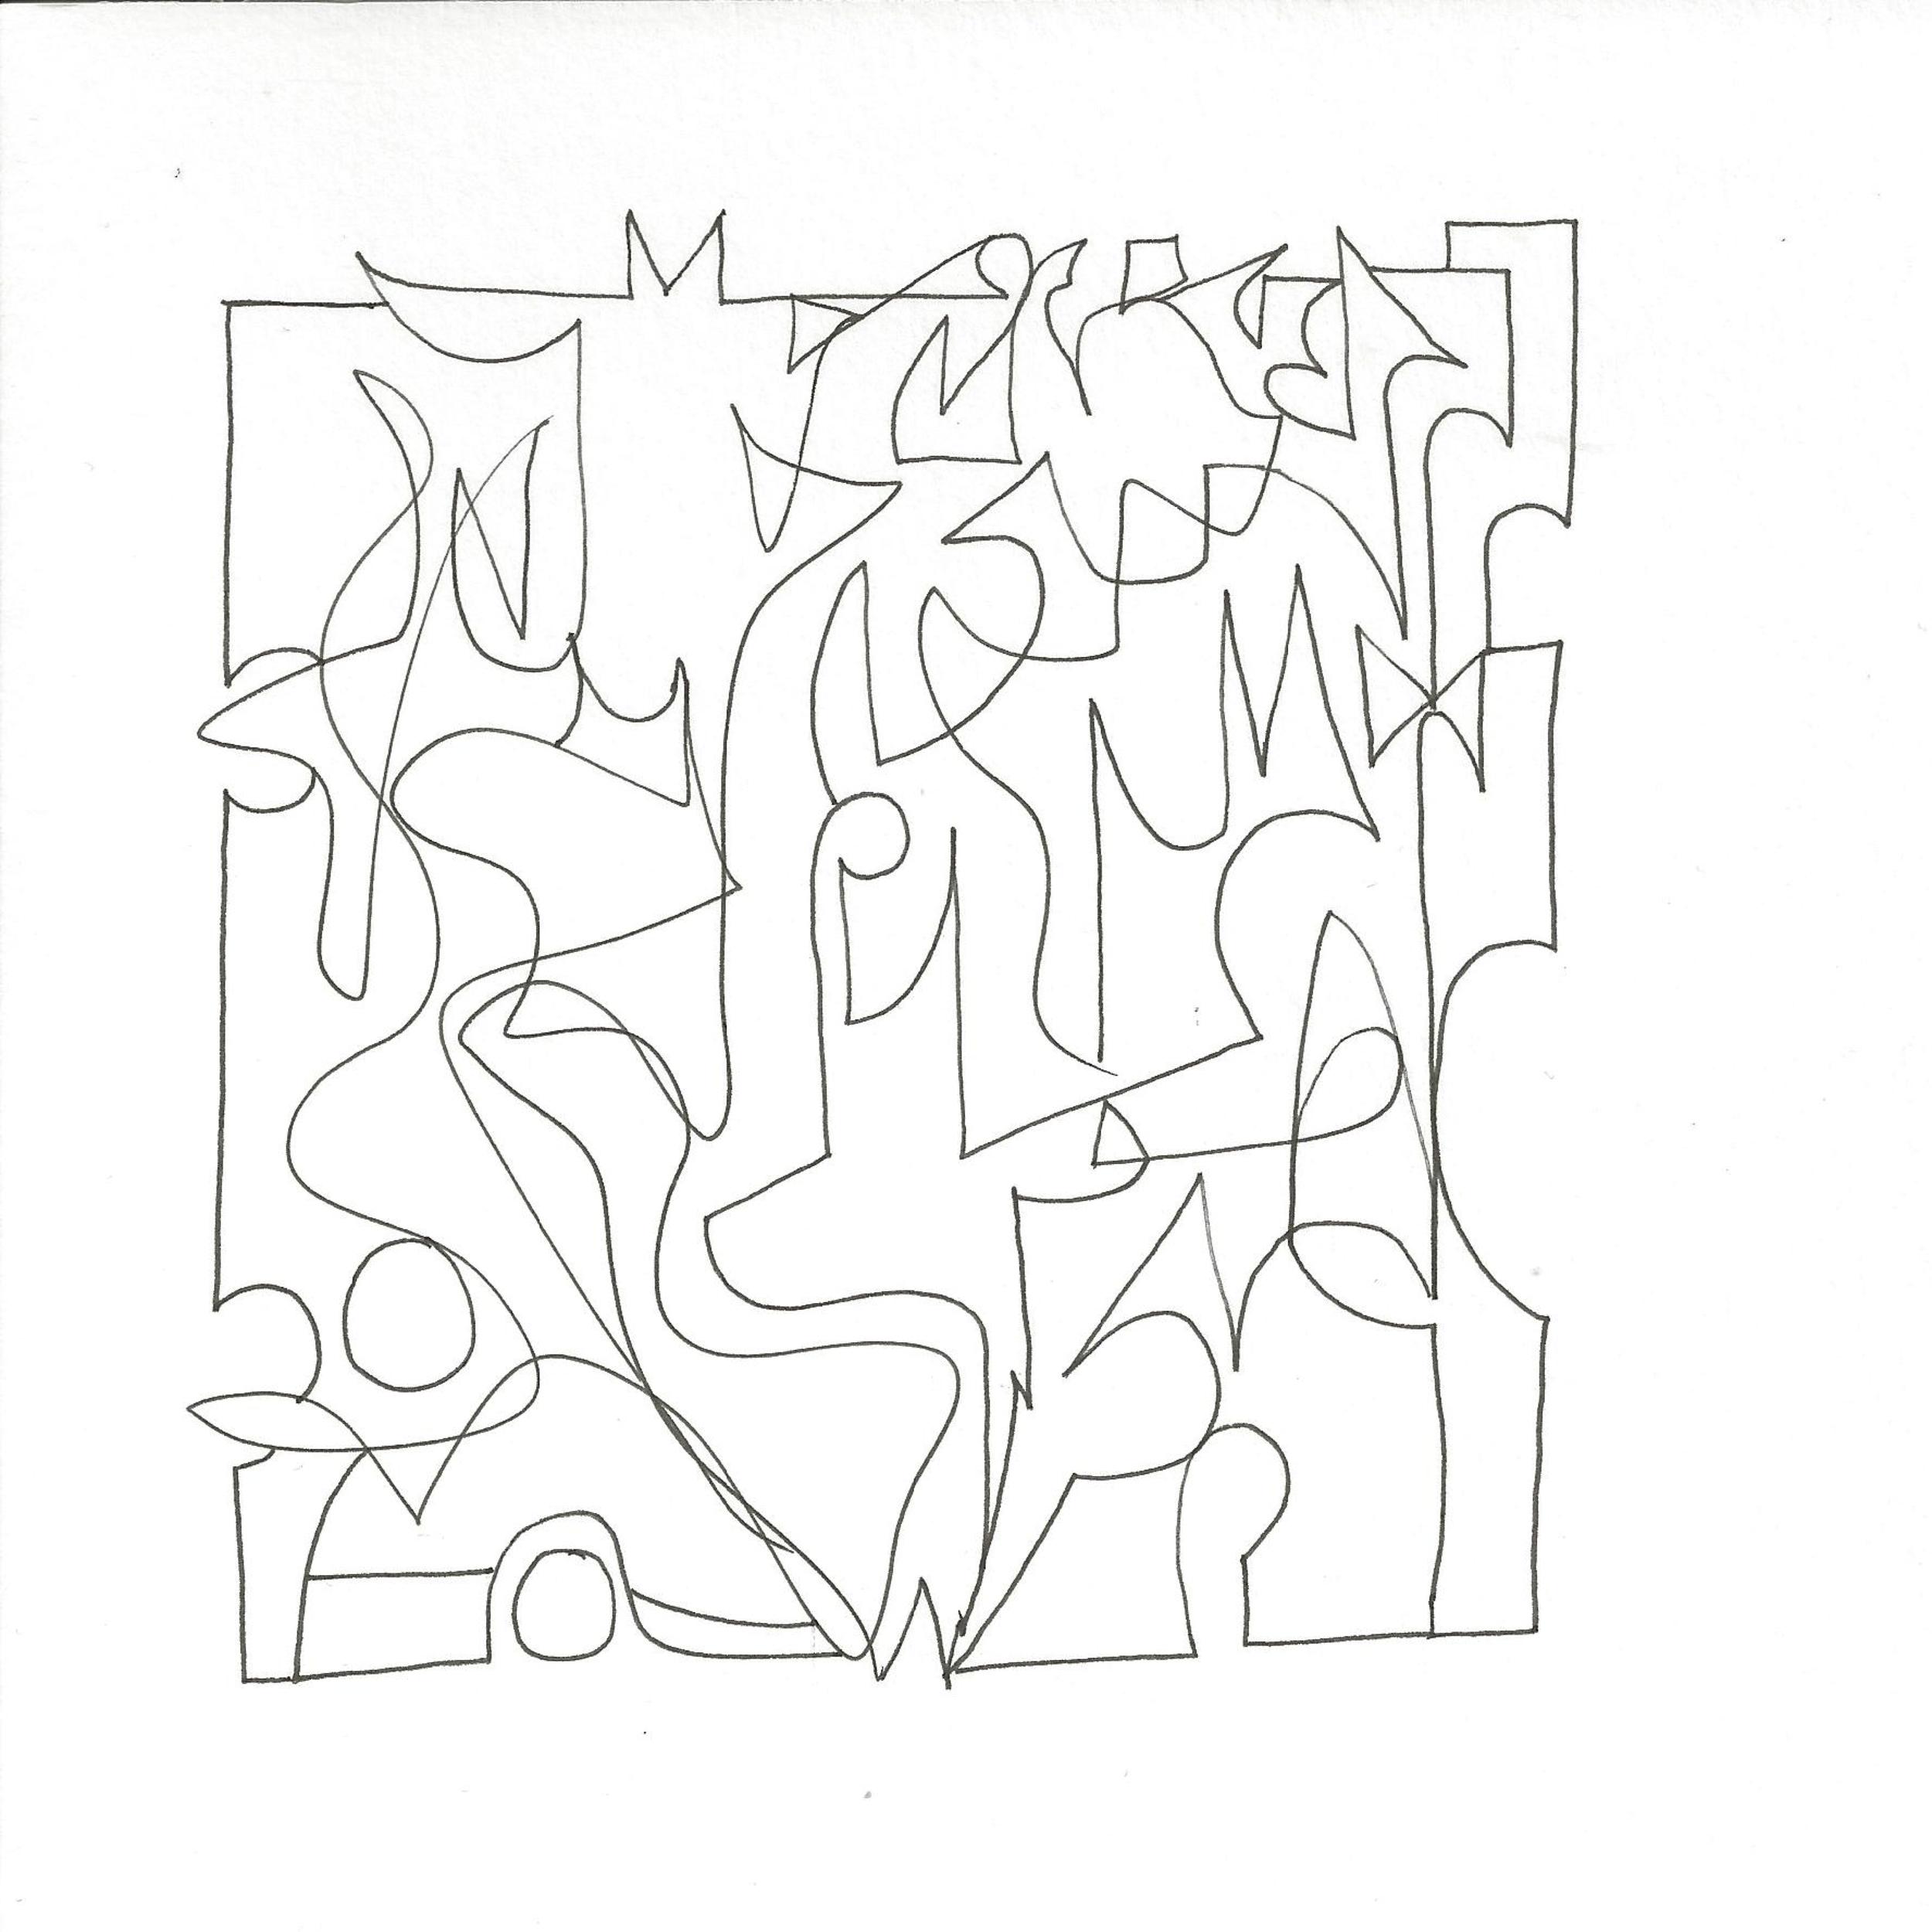 doodle 001.jpg